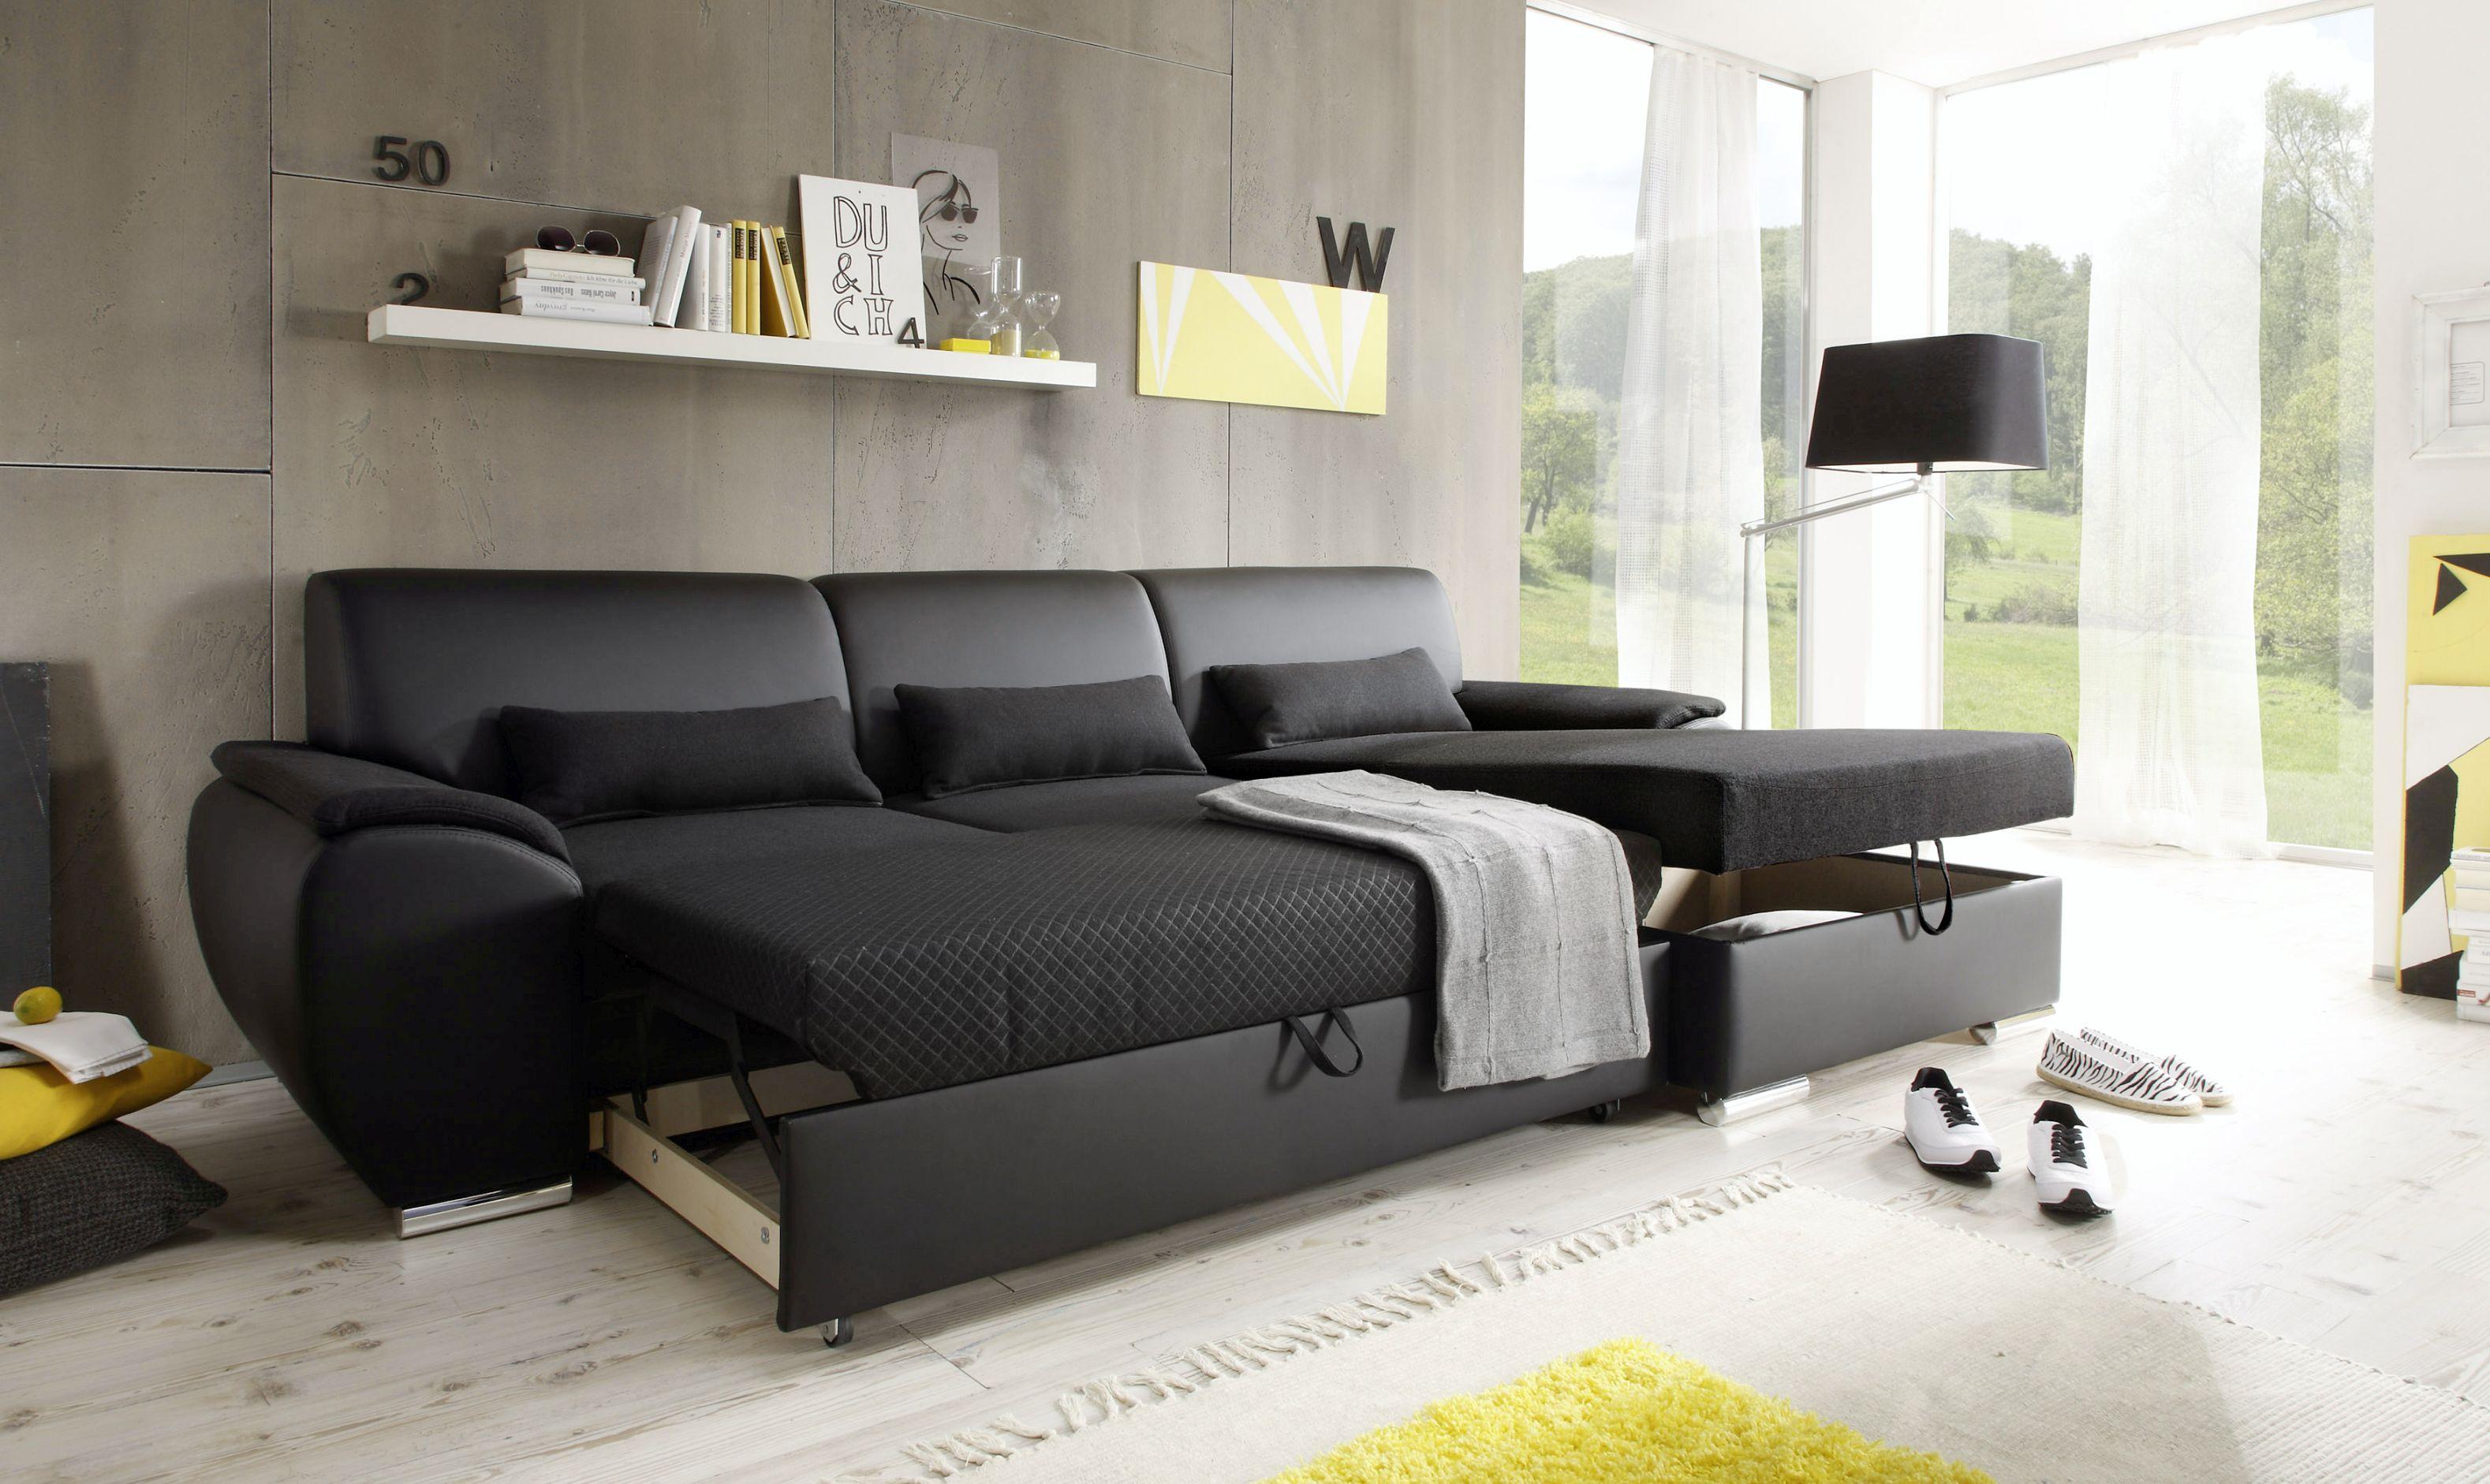 Schlafcouch Ausziehbar longchair antara schlafcouch ausziehbar lederlook schwarz 277 cm